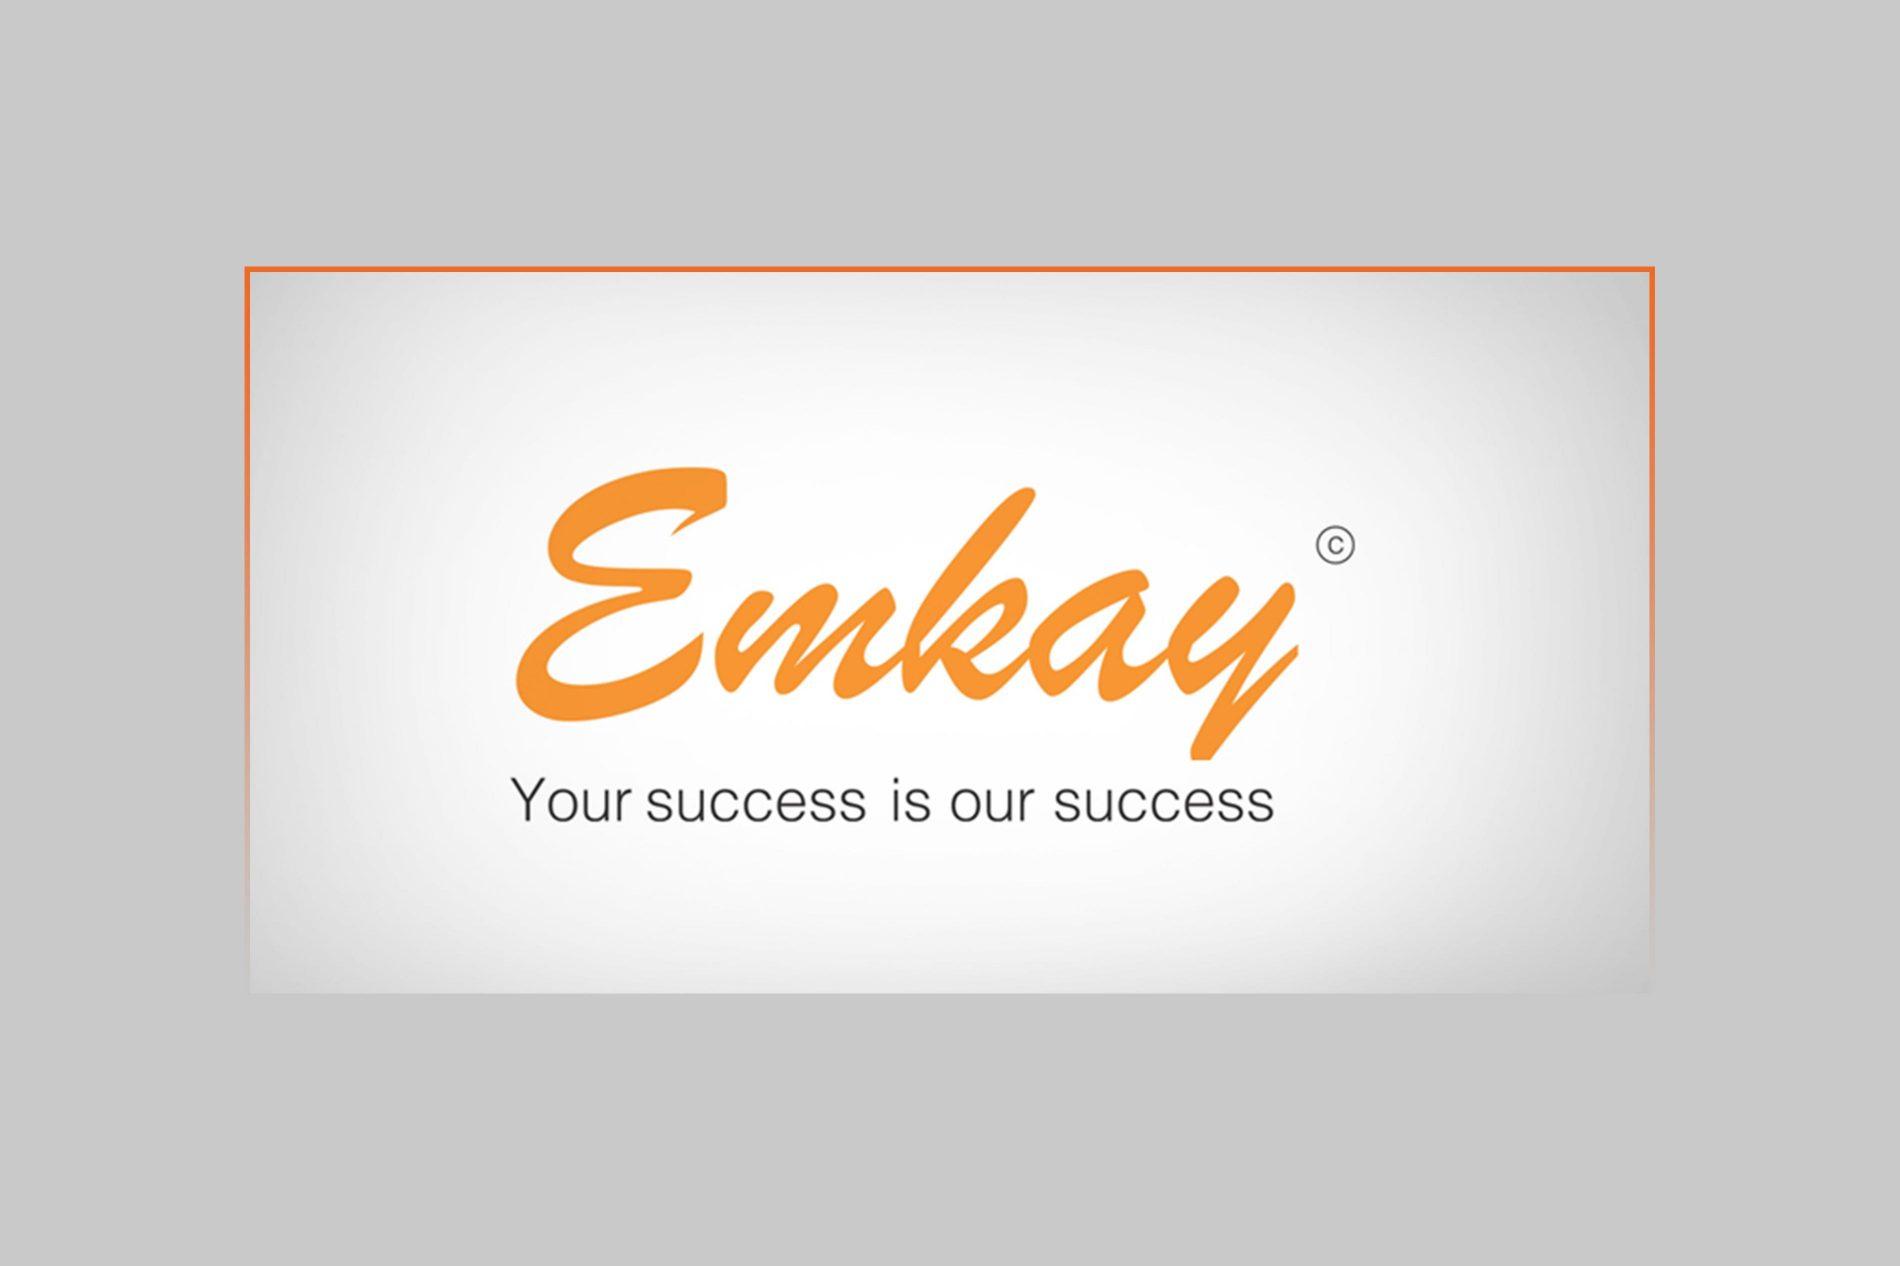 EQS TOP8: EMKAY